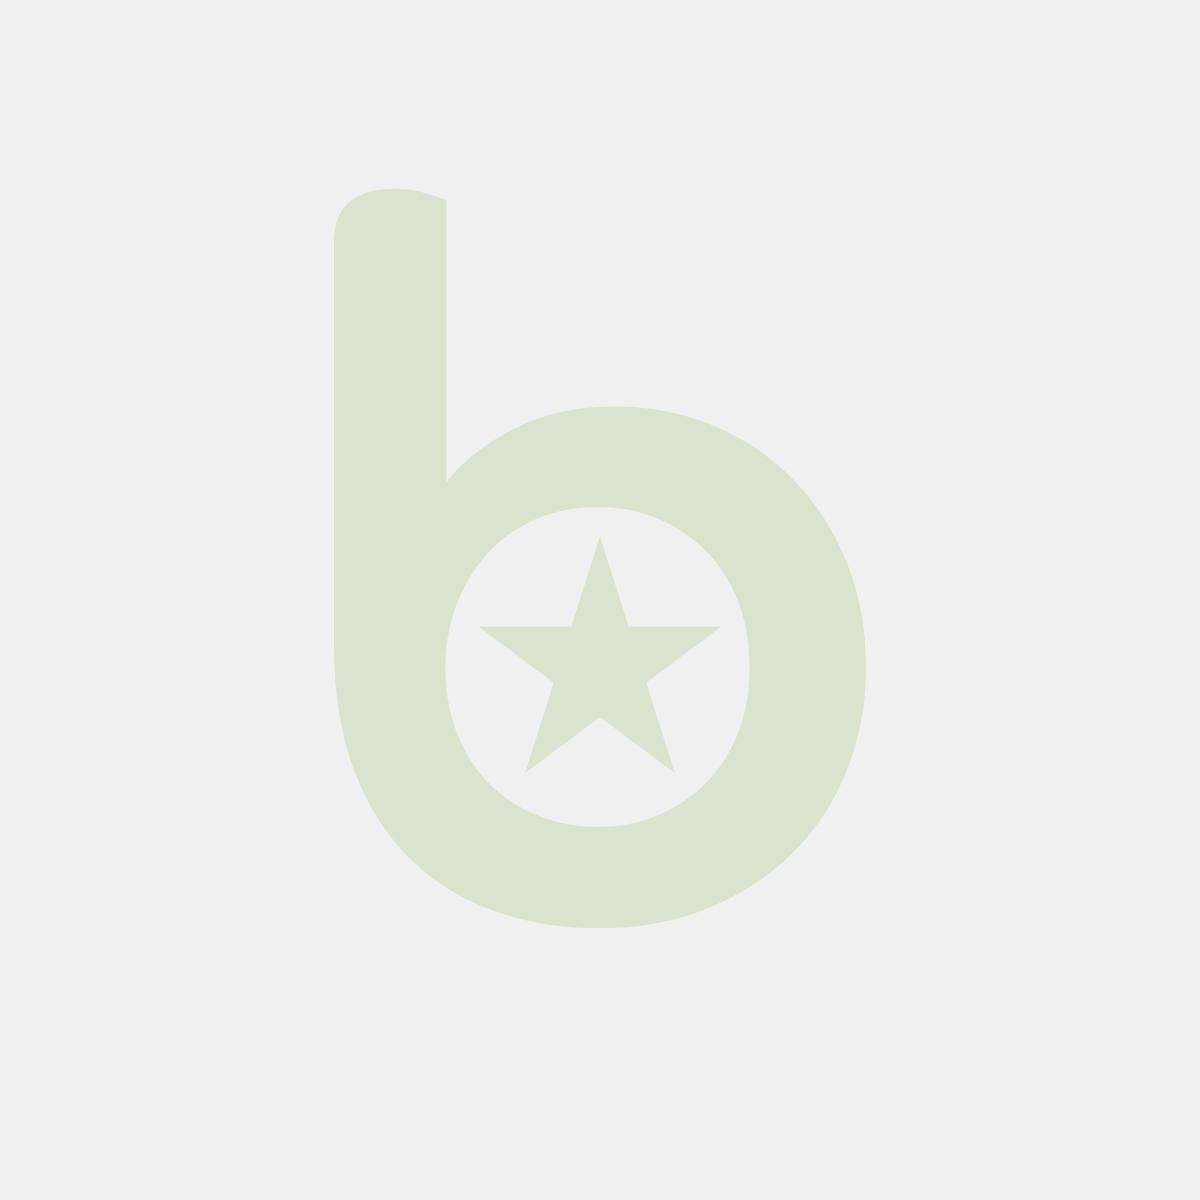 Gumka uniwersalna KEYROAD Potwór, 3szt., blister, mix kolorów